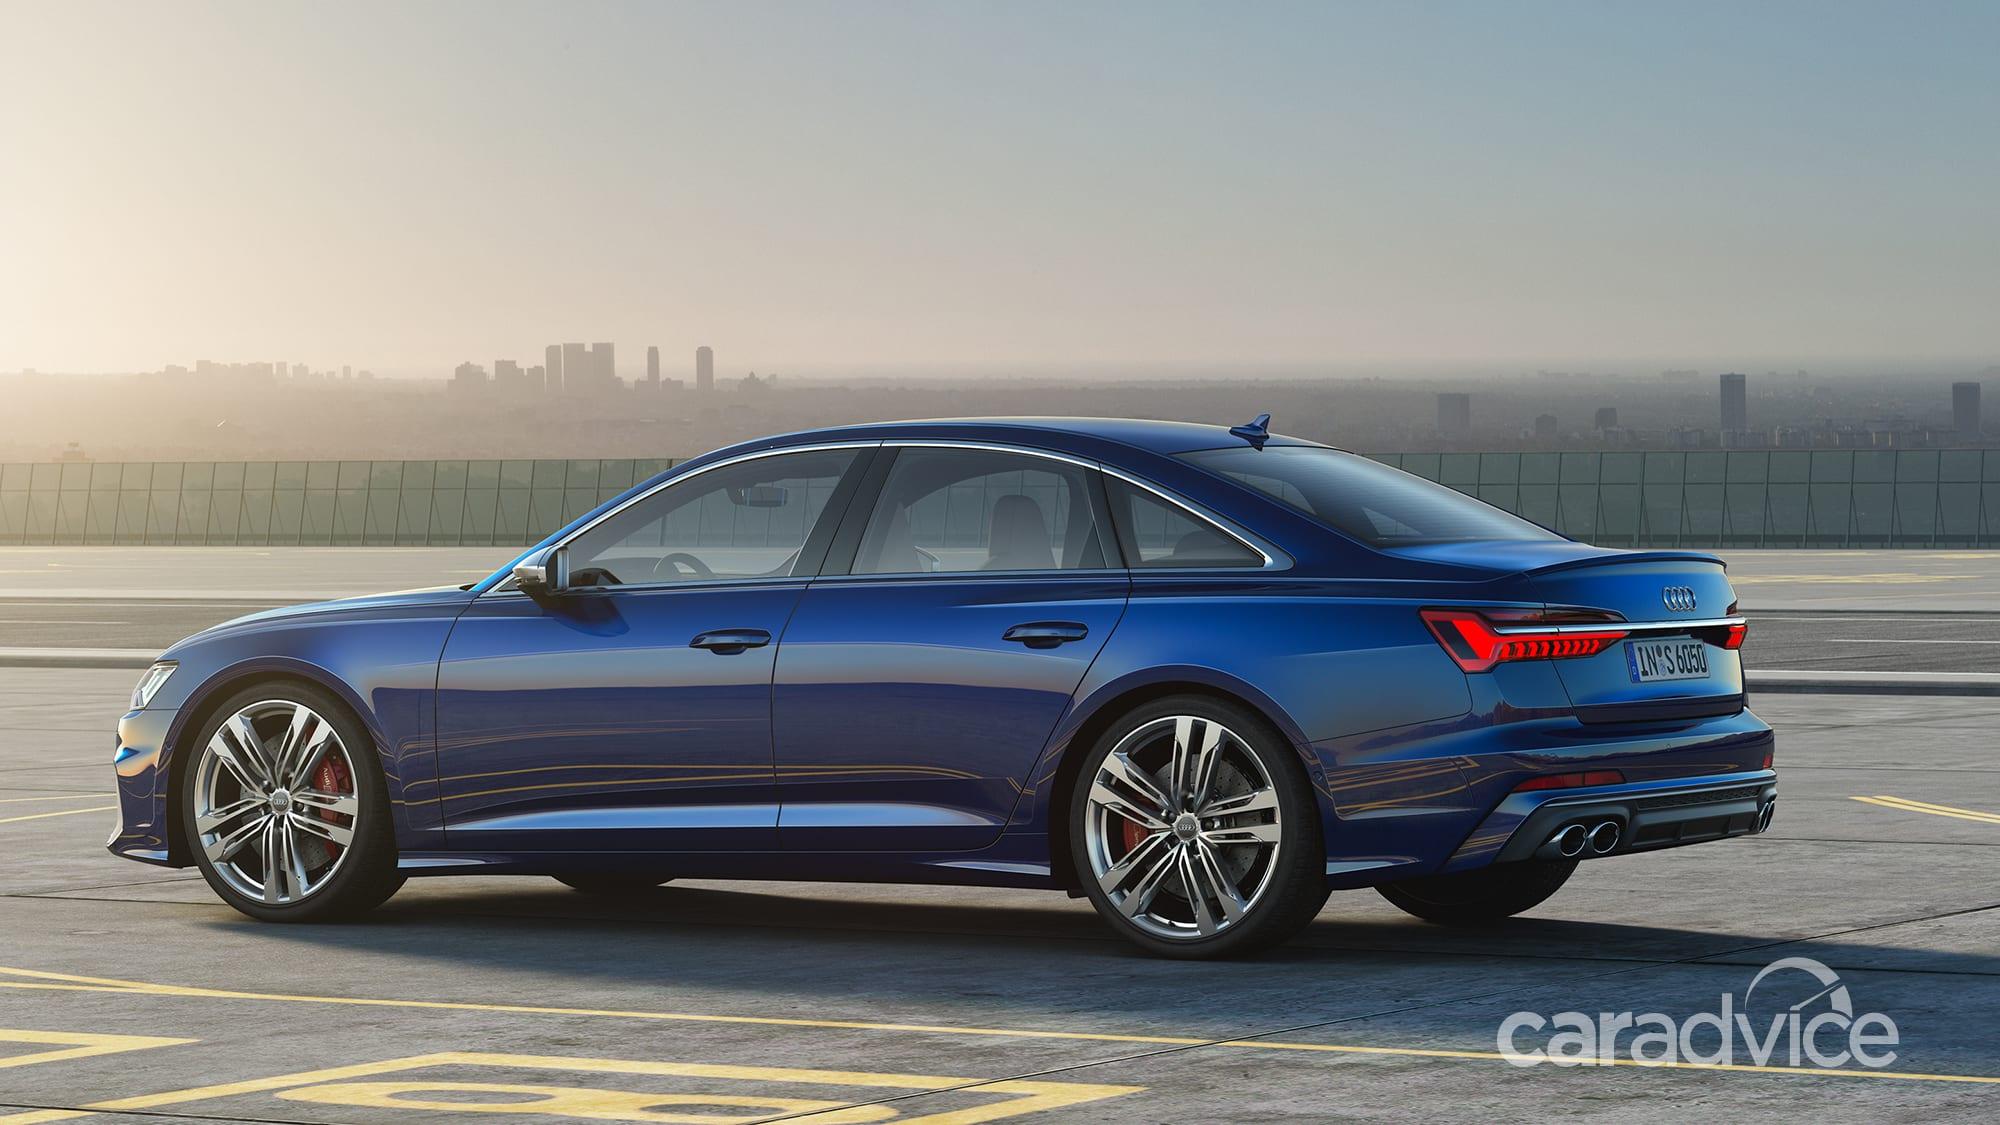 2017 - [Audi] A6 Berline & Avant [C8] - Page 11 Bixkie4icjsswlqitux0